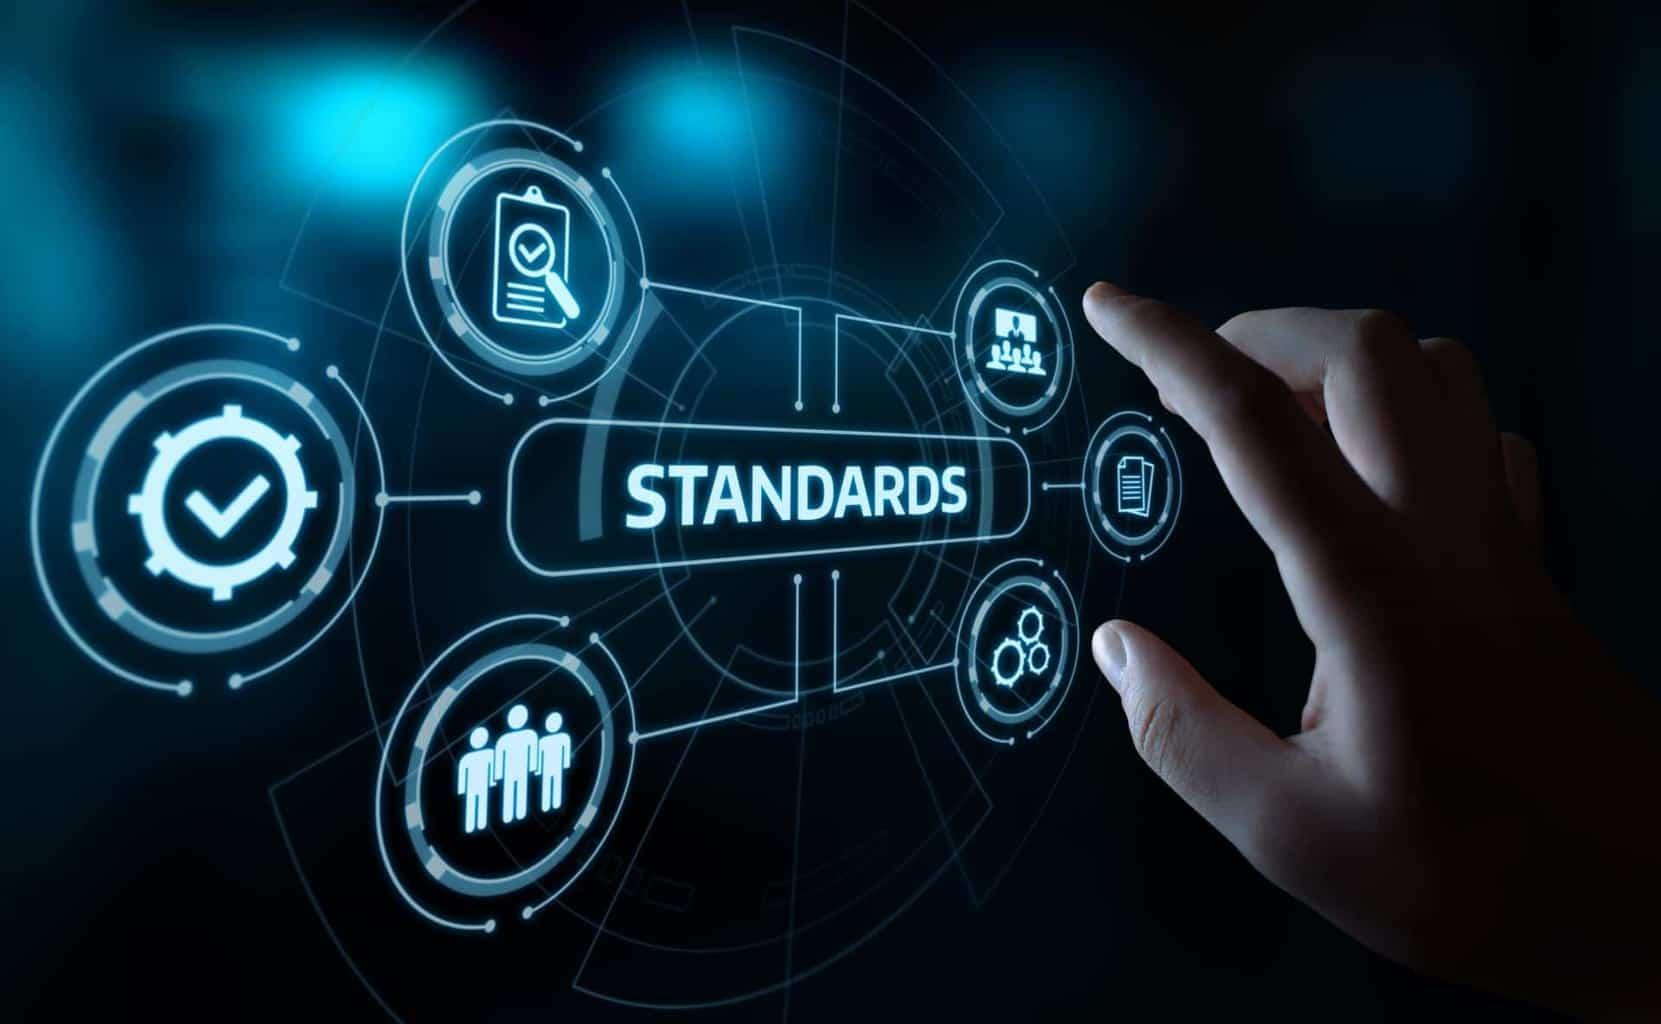 EU-Kommission schlägt Standards für nachhaltige Batterien vor